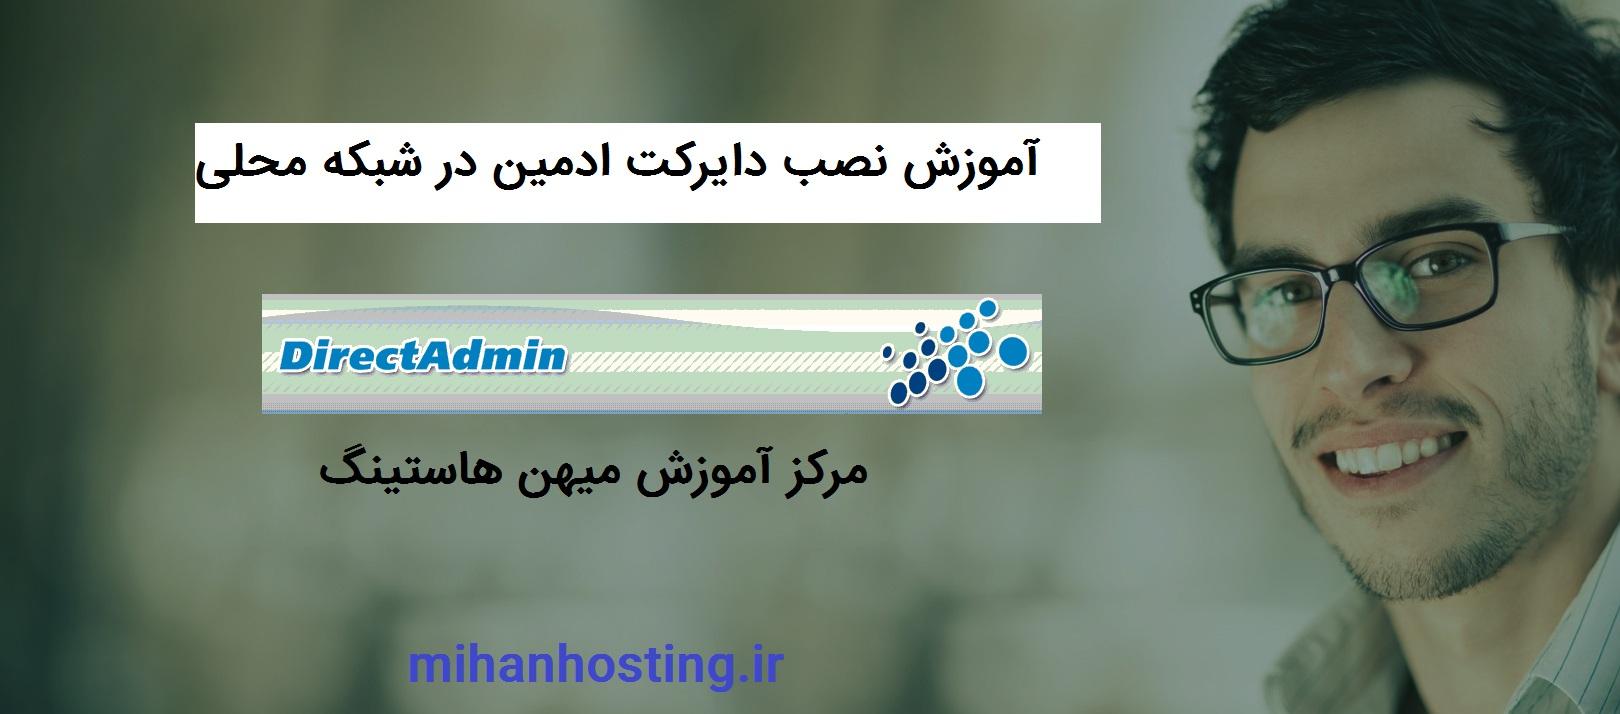 آموزش نصب دایرکت ادمین در شبکه محلی LAN/NAT